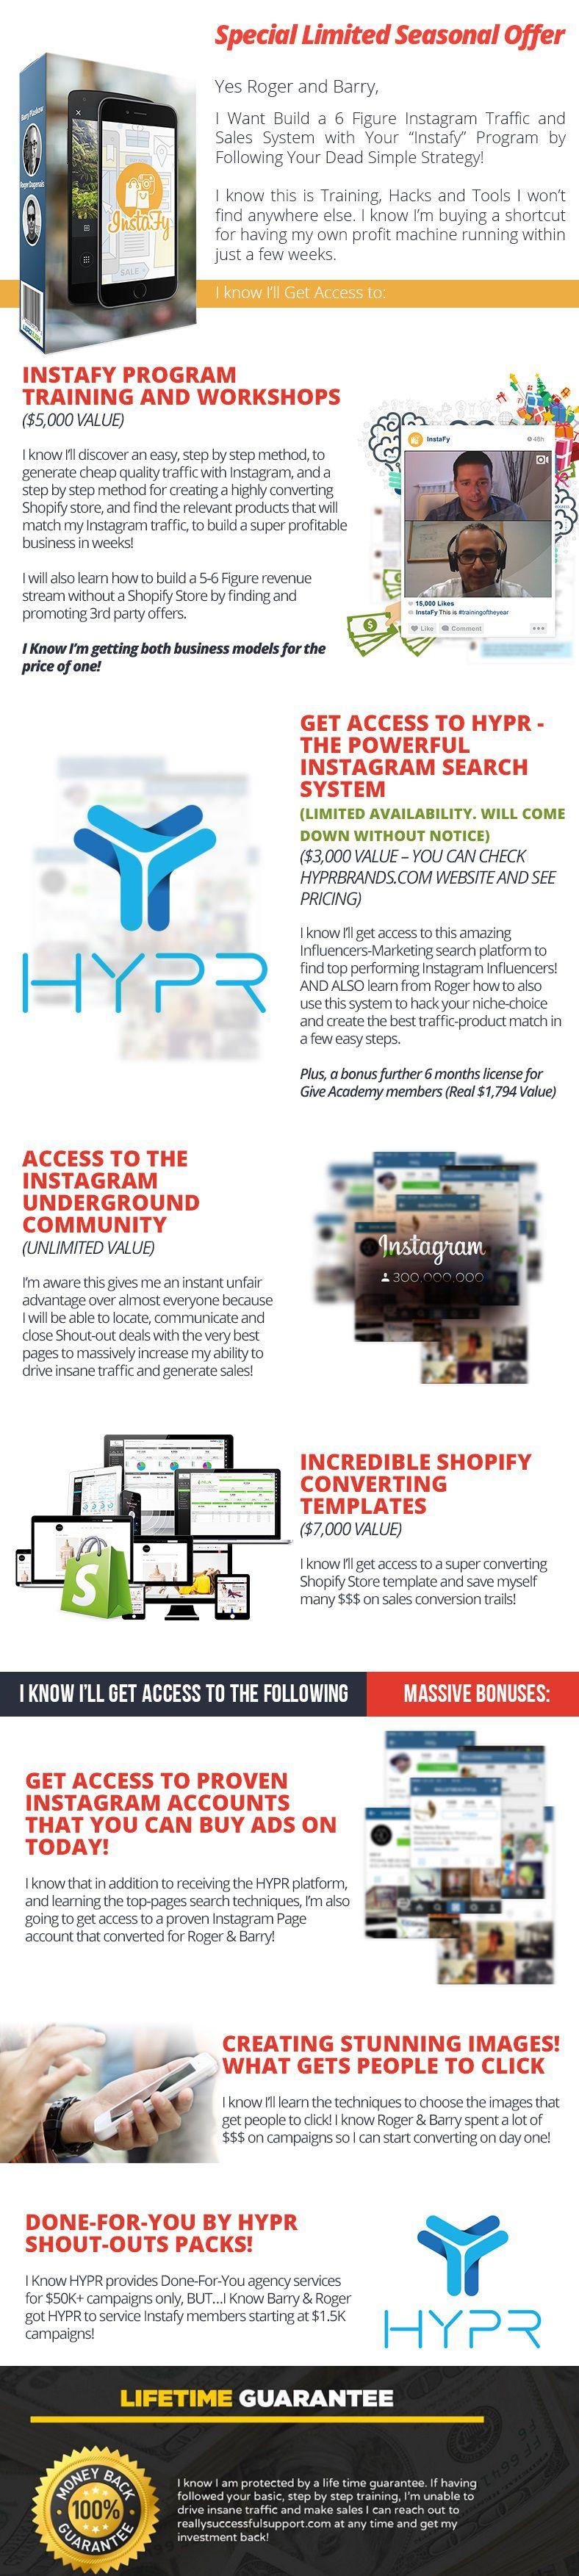 教你如何在Instagram引流到Shopify店铺销售相关流量高转化产品(Instafy Gold)